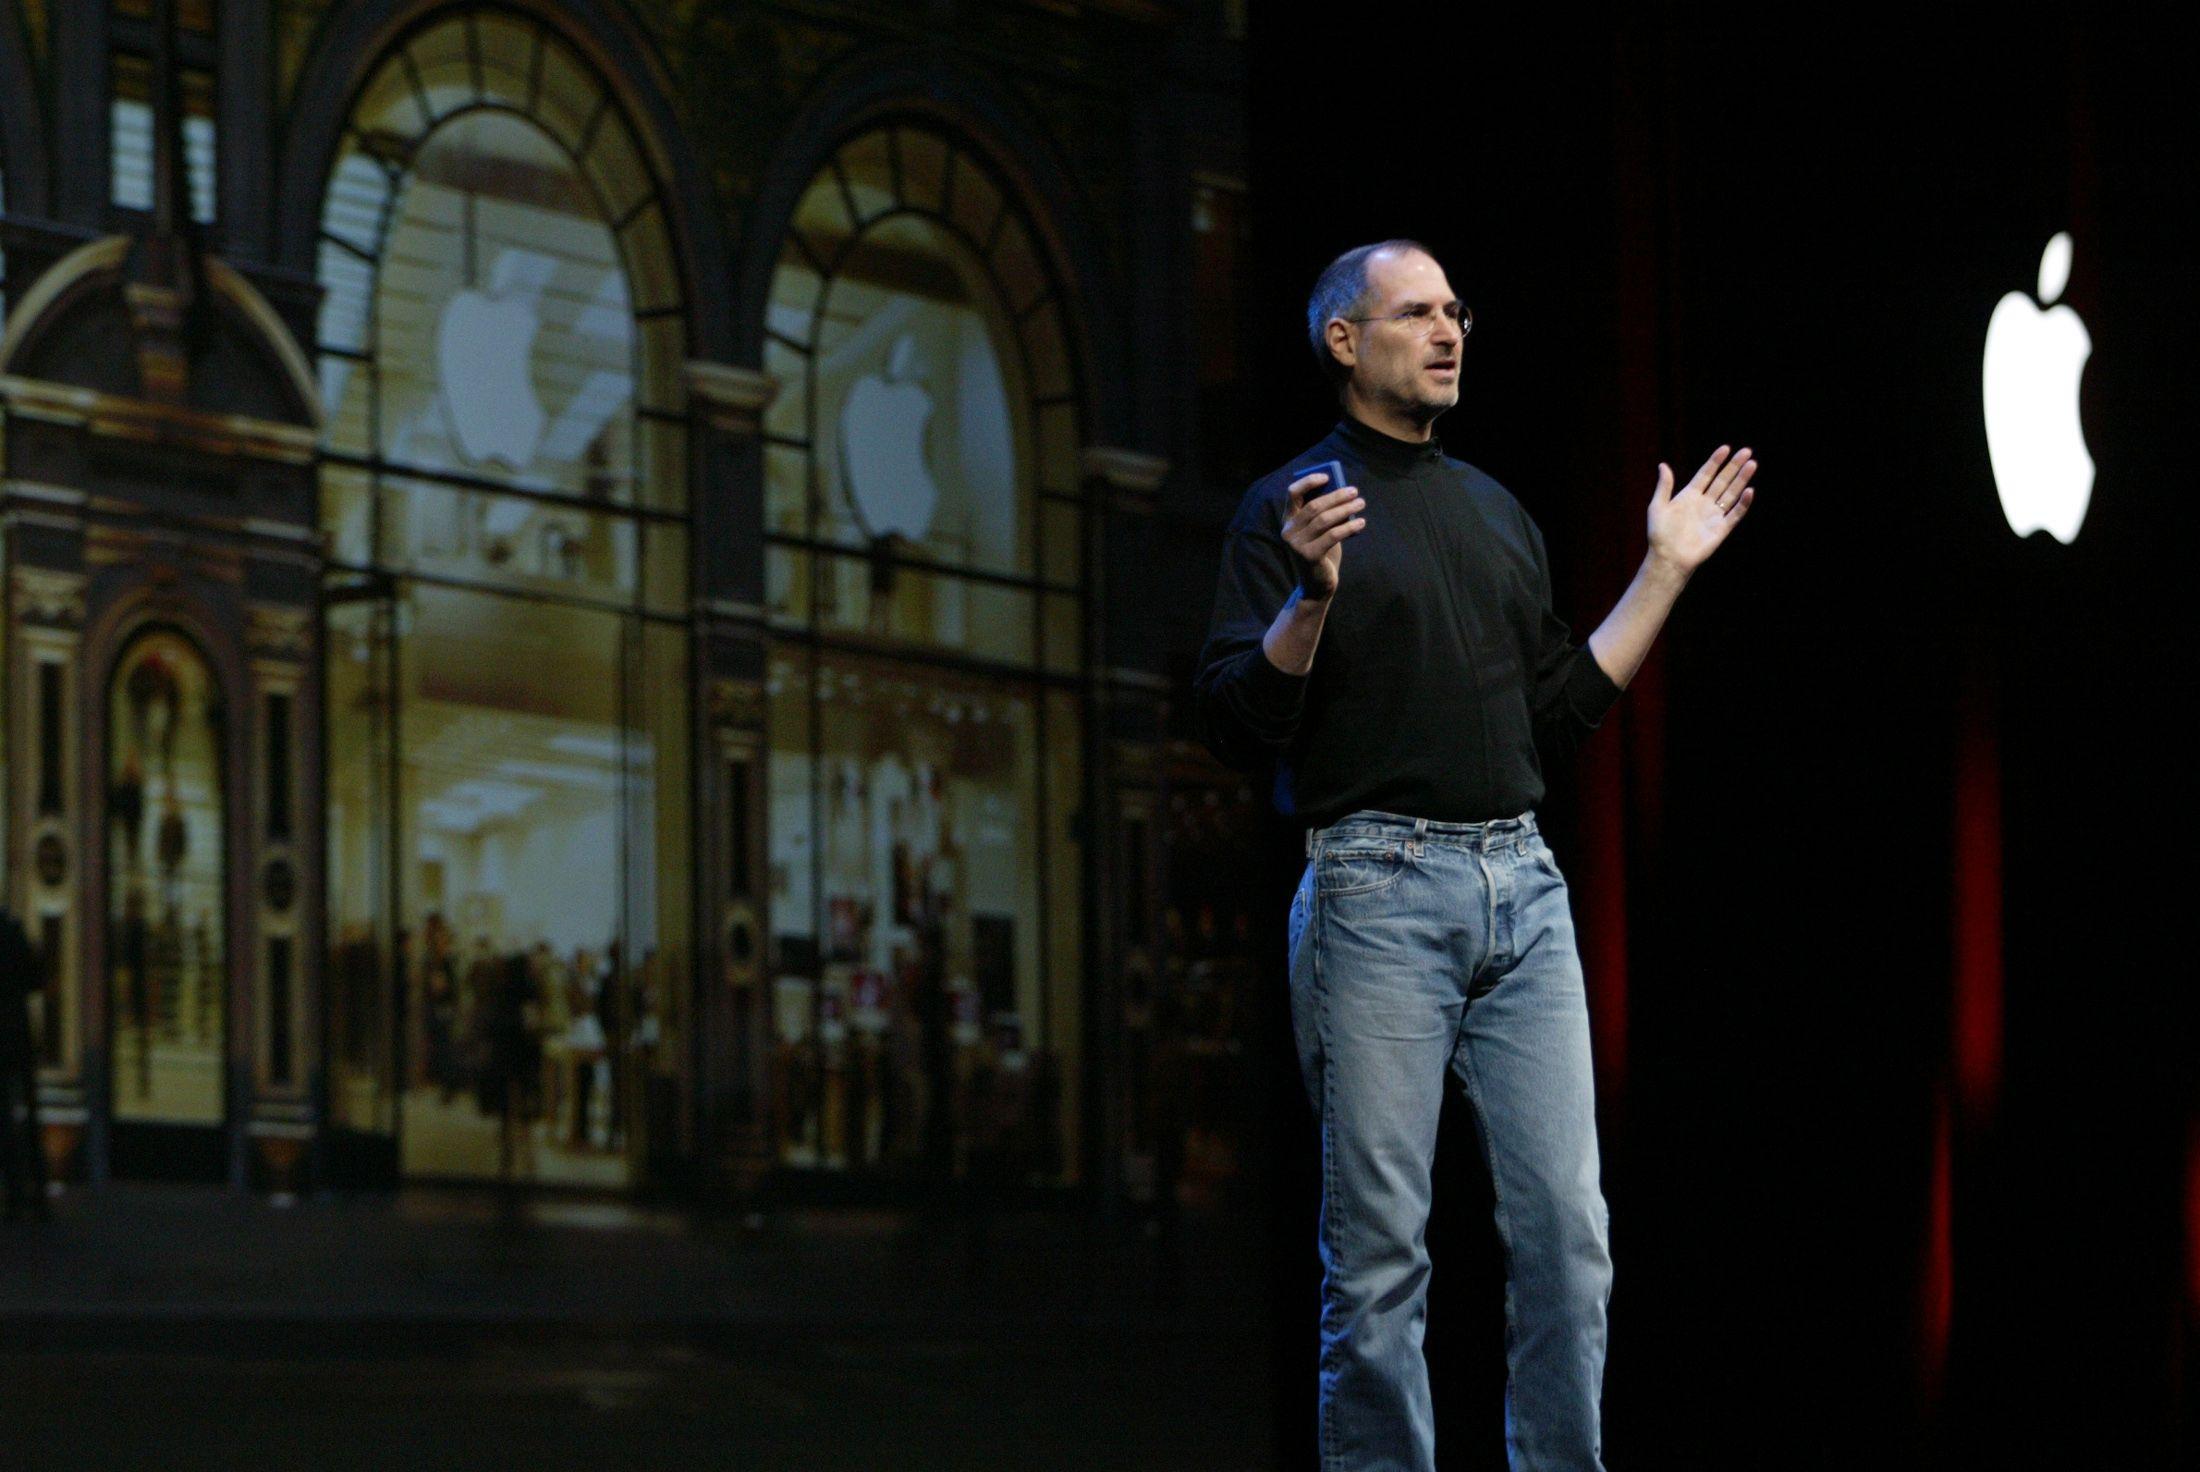 """Steve Jobs a notamment confié à son proche collaborateur qu'il était """"aussi fier des idées qu'il n'avait pas concrétisées que des projets qu'il avait réalisés""""."""